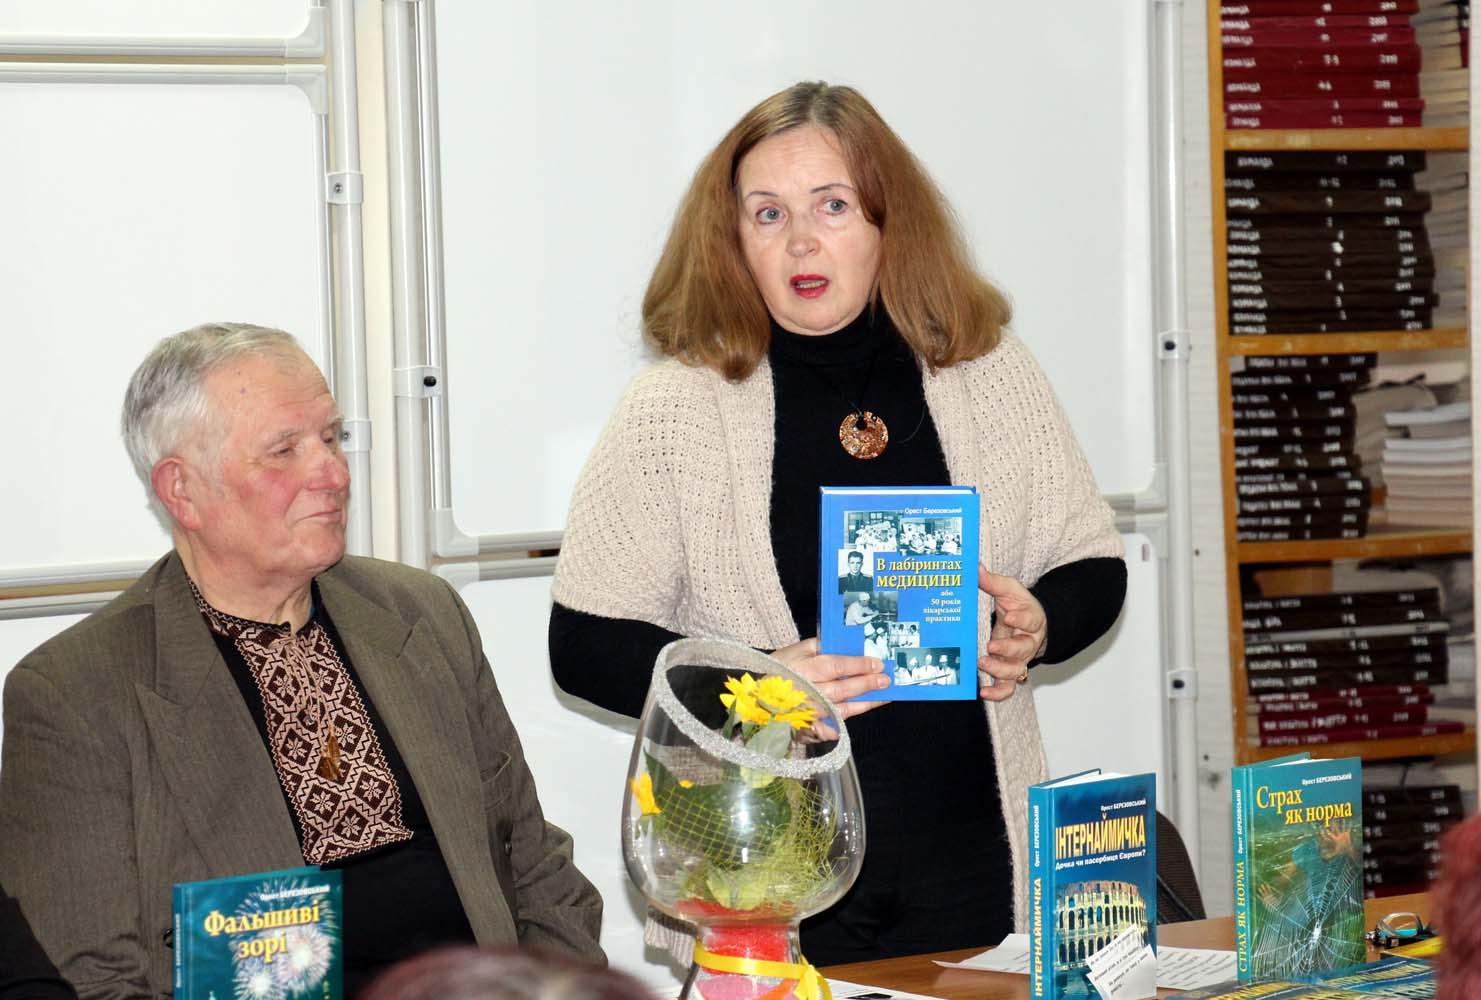 Керівник Клубу шанувальників книги Леся Коковська-Романчук, знайомить присутніх з найновішою книгою Ореста Березовського «В лабіринтах медицини або 50 років лікарської практики»